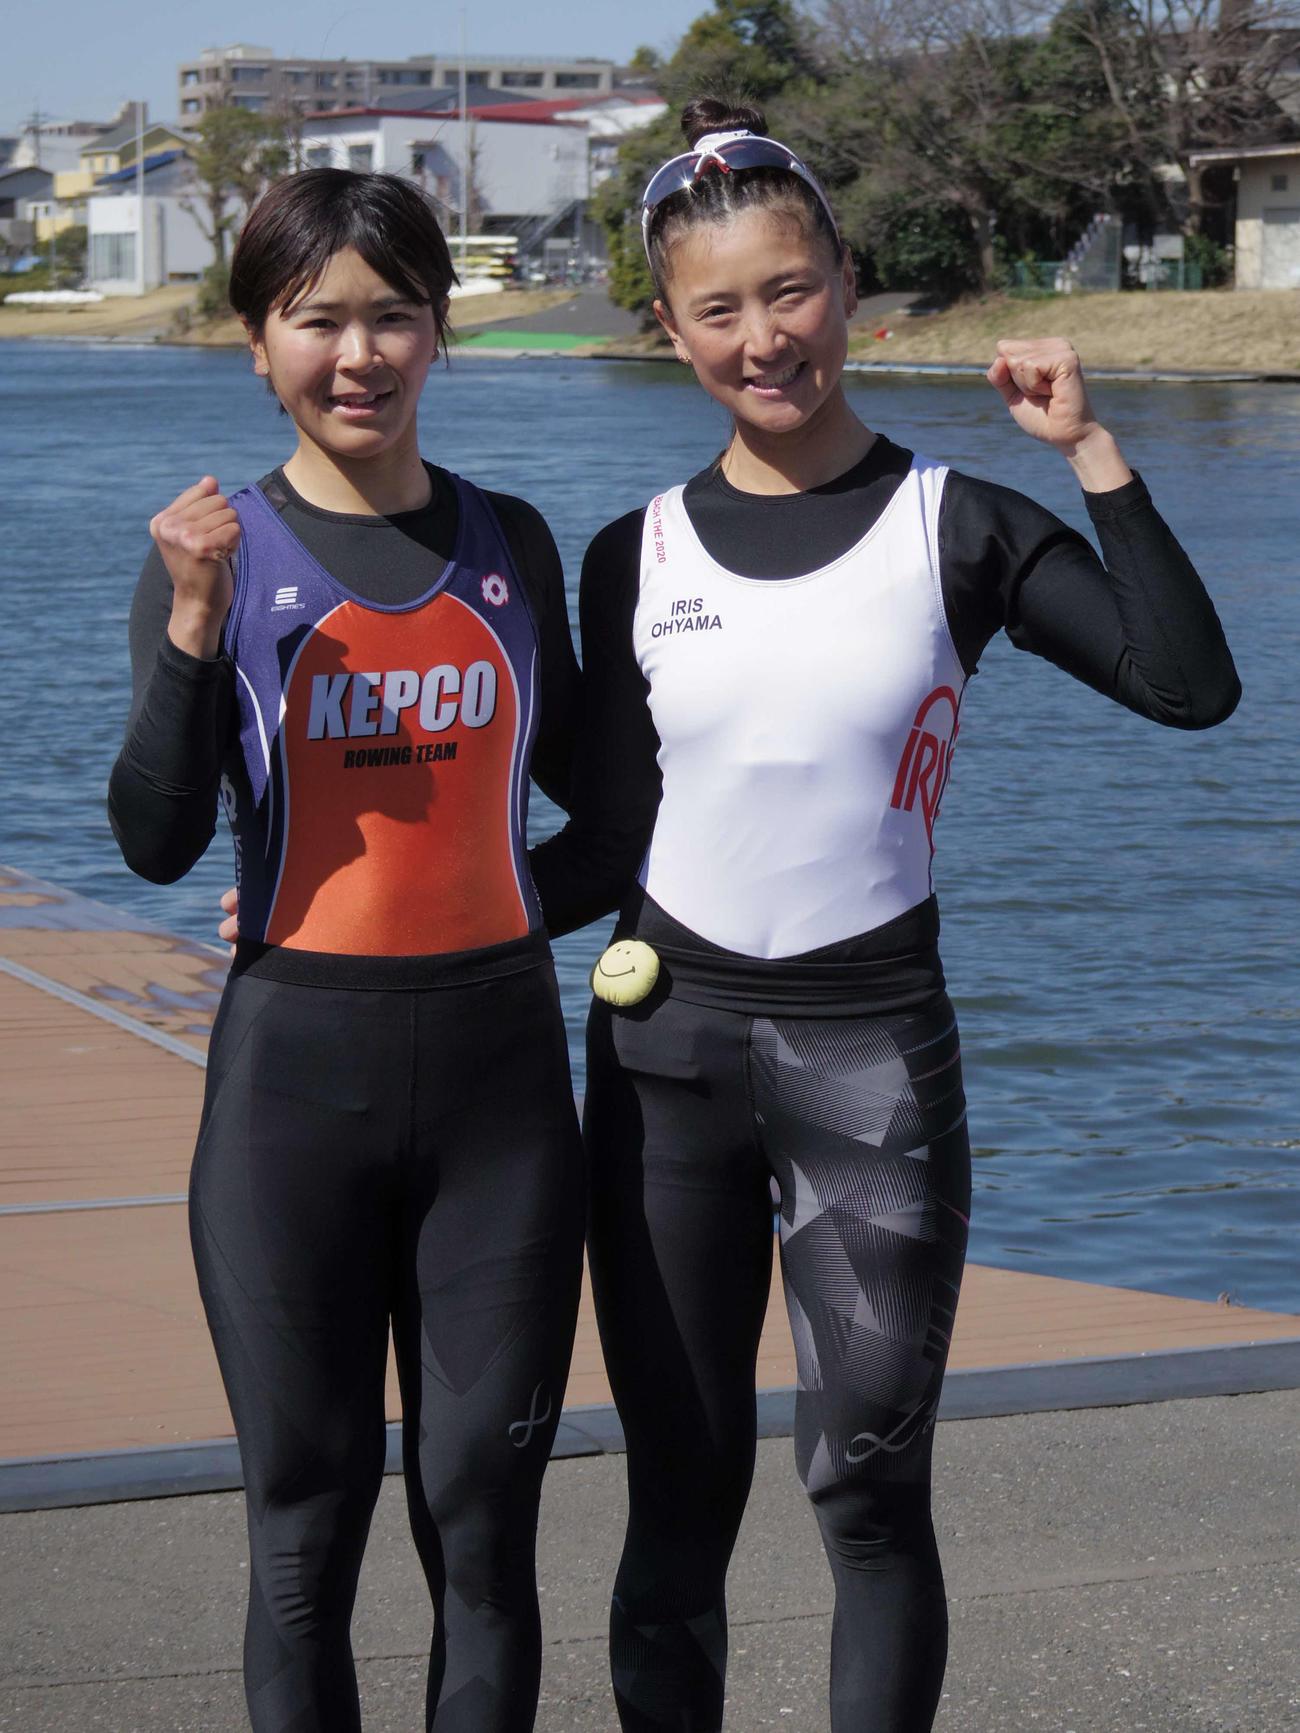 ボートの東京五輪アジア・オセアニア大陸予選女子ダブルスカル代表に決まった大石(右)と冨田のペア